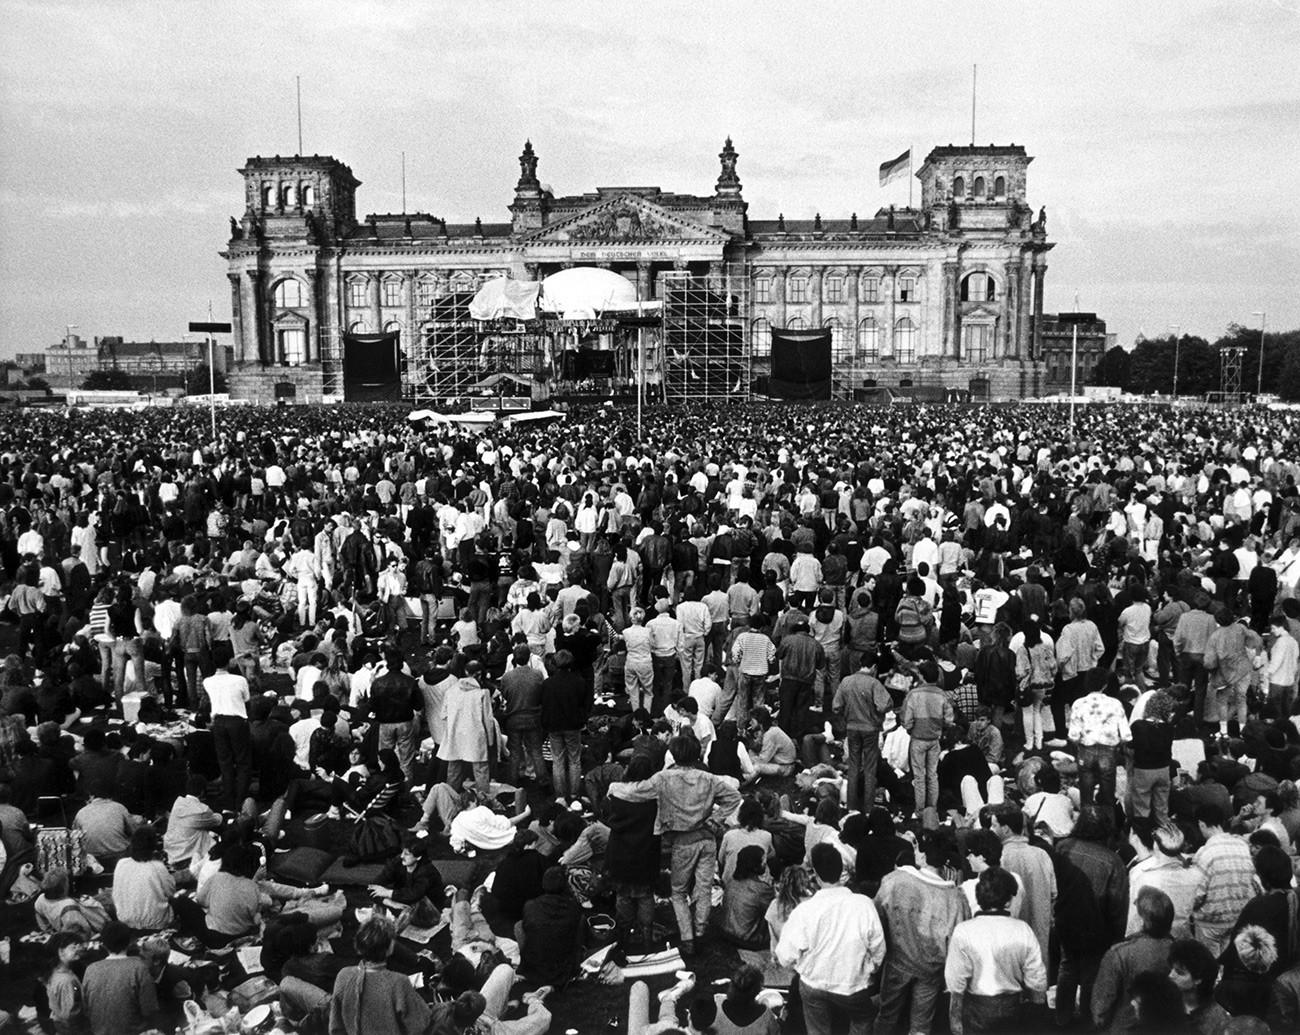 6 giugno 1987: folla di persone radunate davanti all'edificio del Reichstag a Berlino Ovest per assistere a un concerto del musicista britannico David Bowie